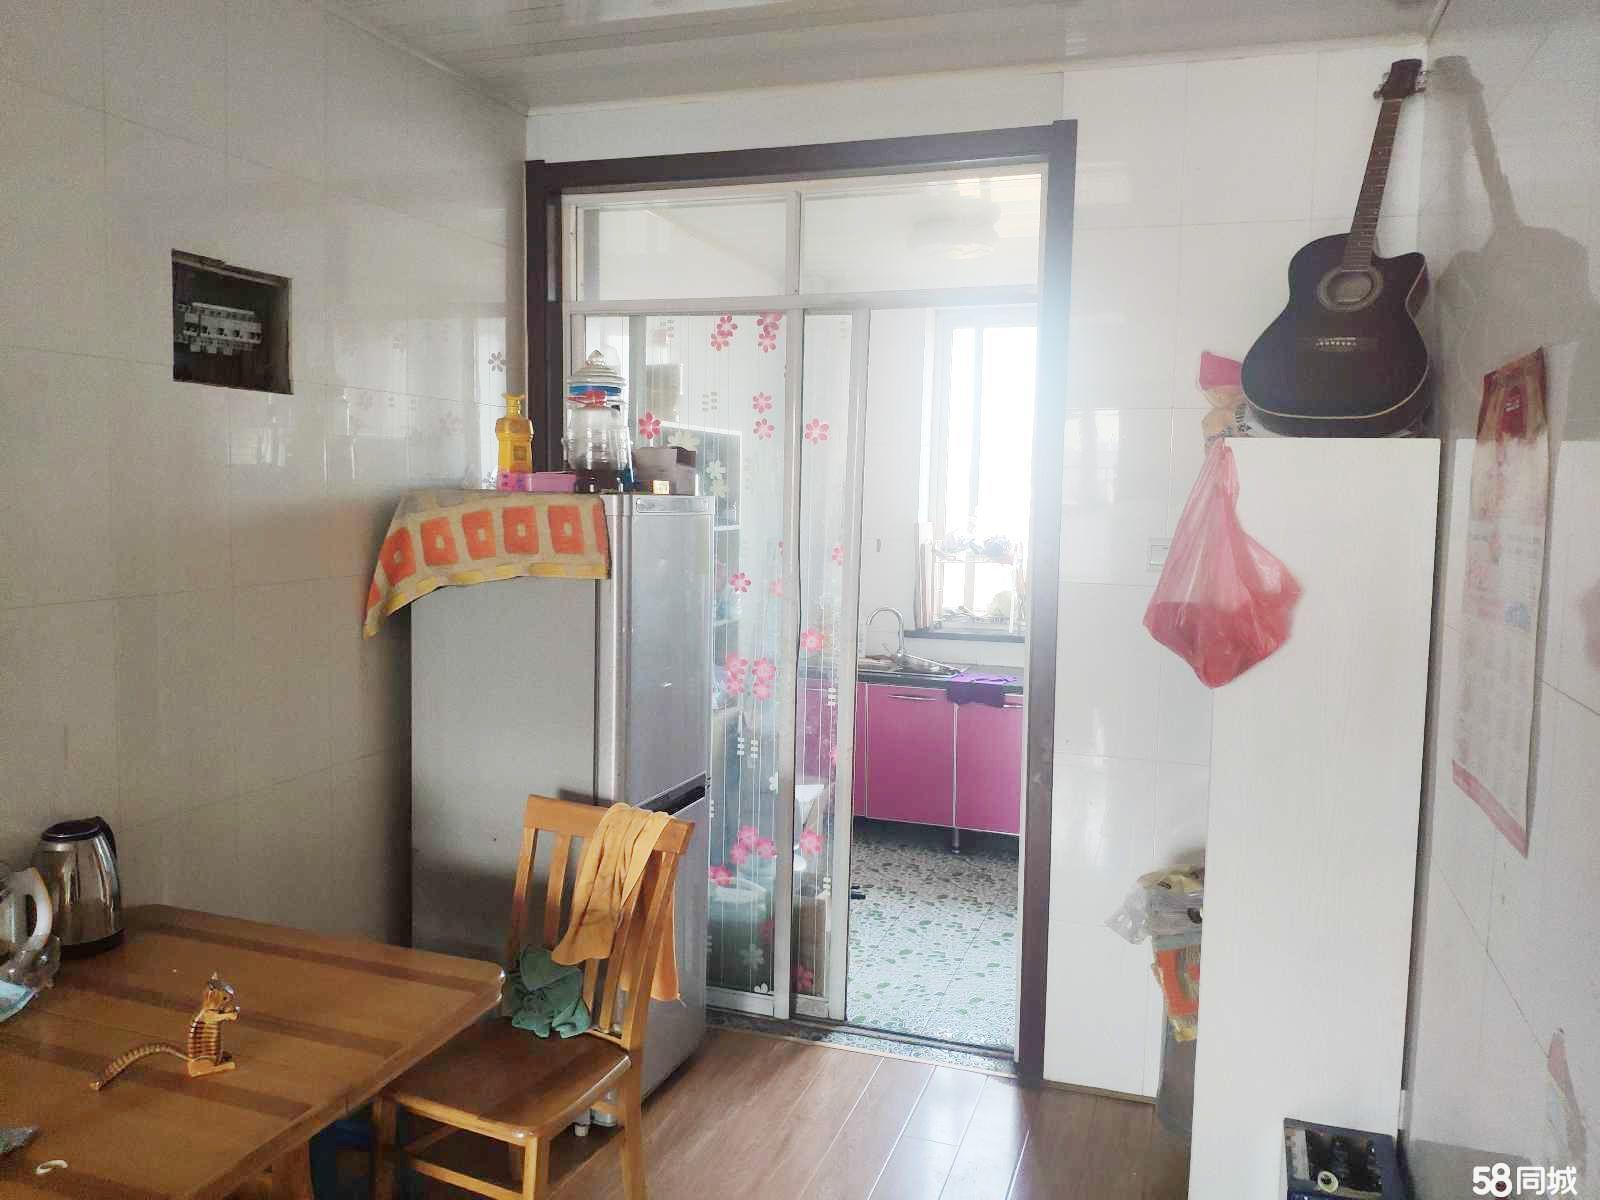 卢龙阳光水岸2室1厅1卫93平米个人非中介六楼